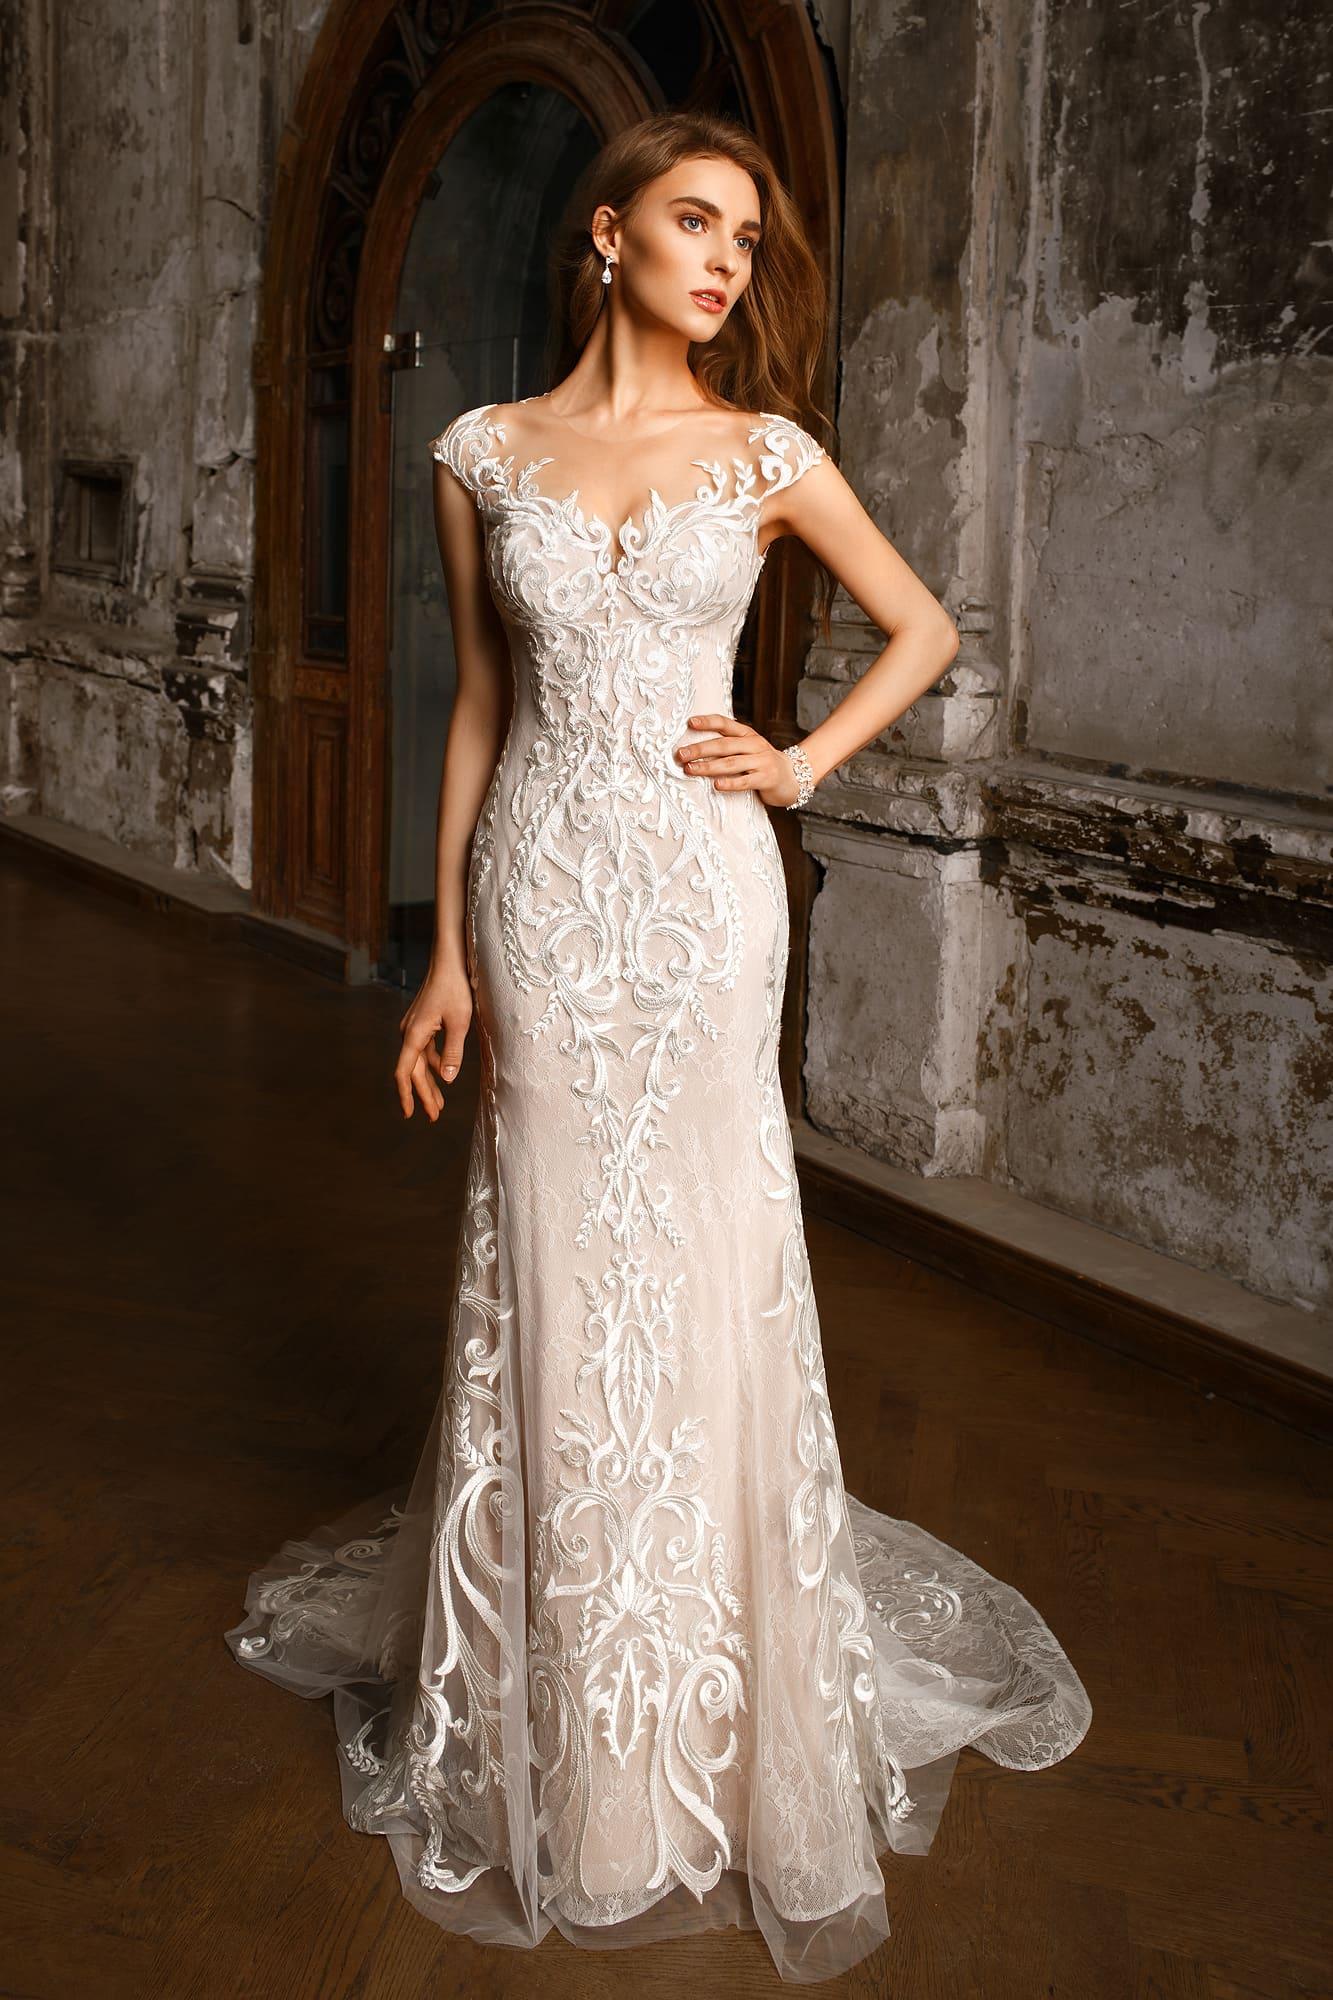 Розовое свадебное платье с потрясающим кружевным декором, верхней юбкой и коротким рукавом.